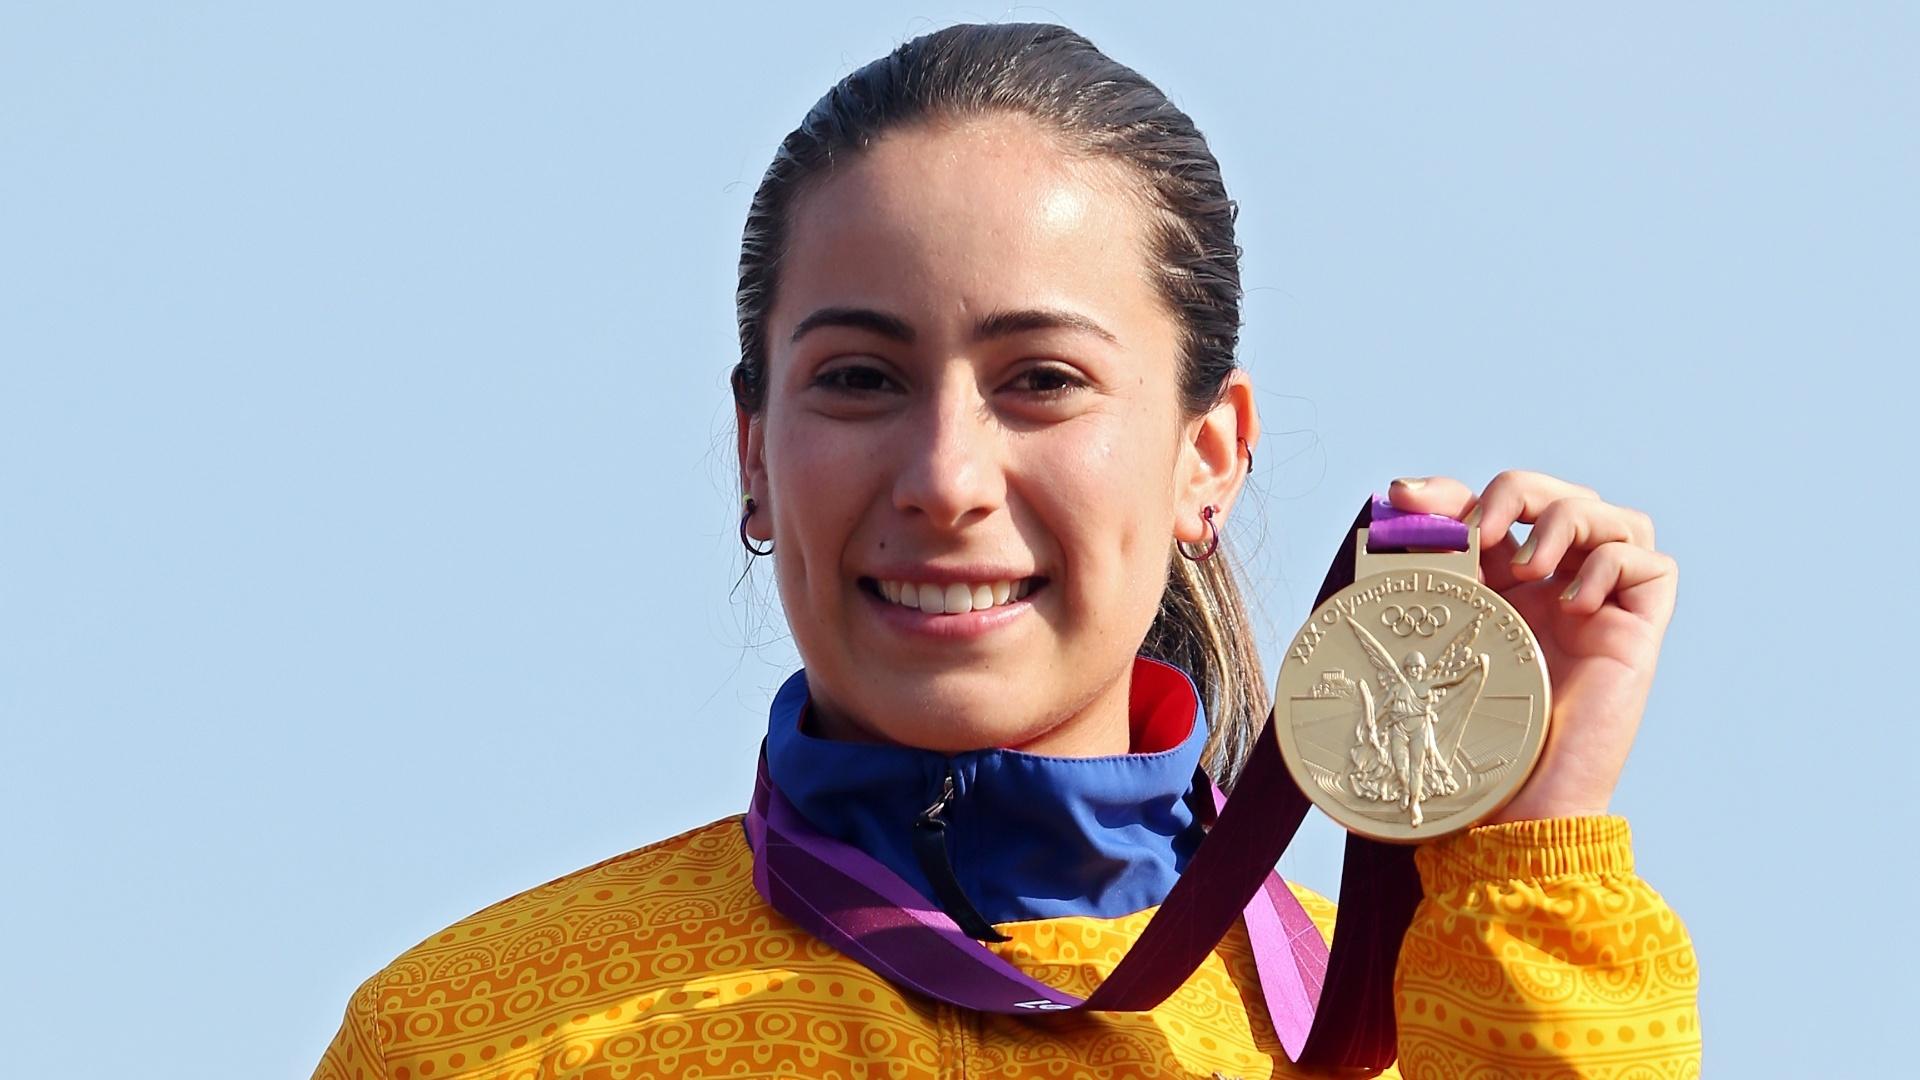 mariana pajon medalla oro olimpicos